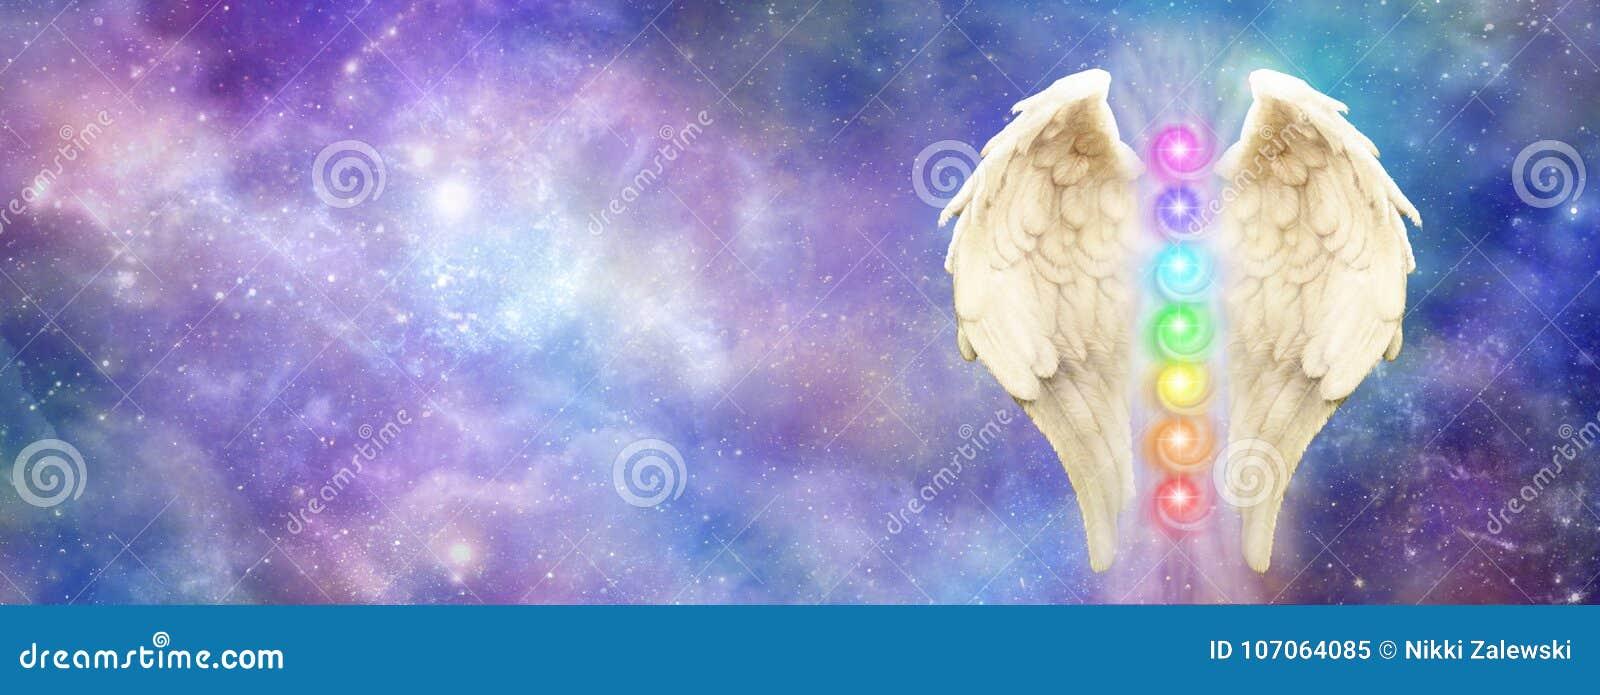 Angelic Cosmic Guardian Website Banner